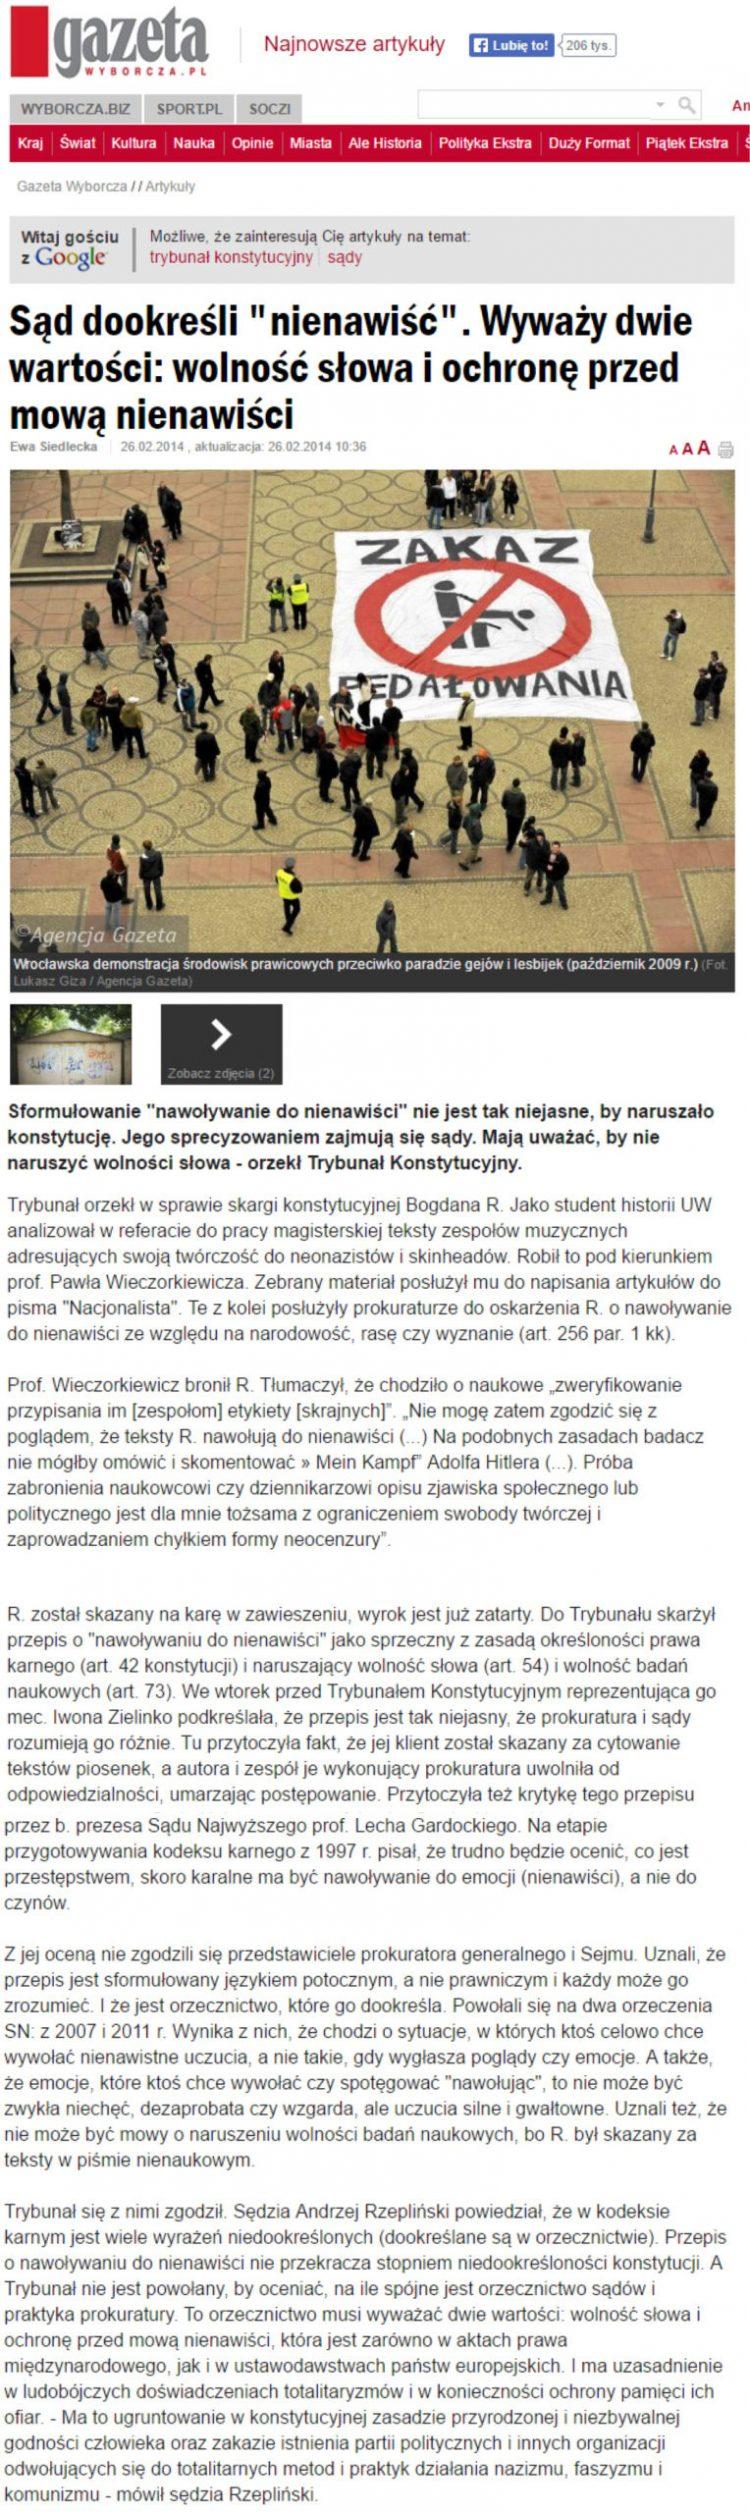 Skargi-Konstytucyjne-Adwokat-Dr-Iwona-Zielinko-GW